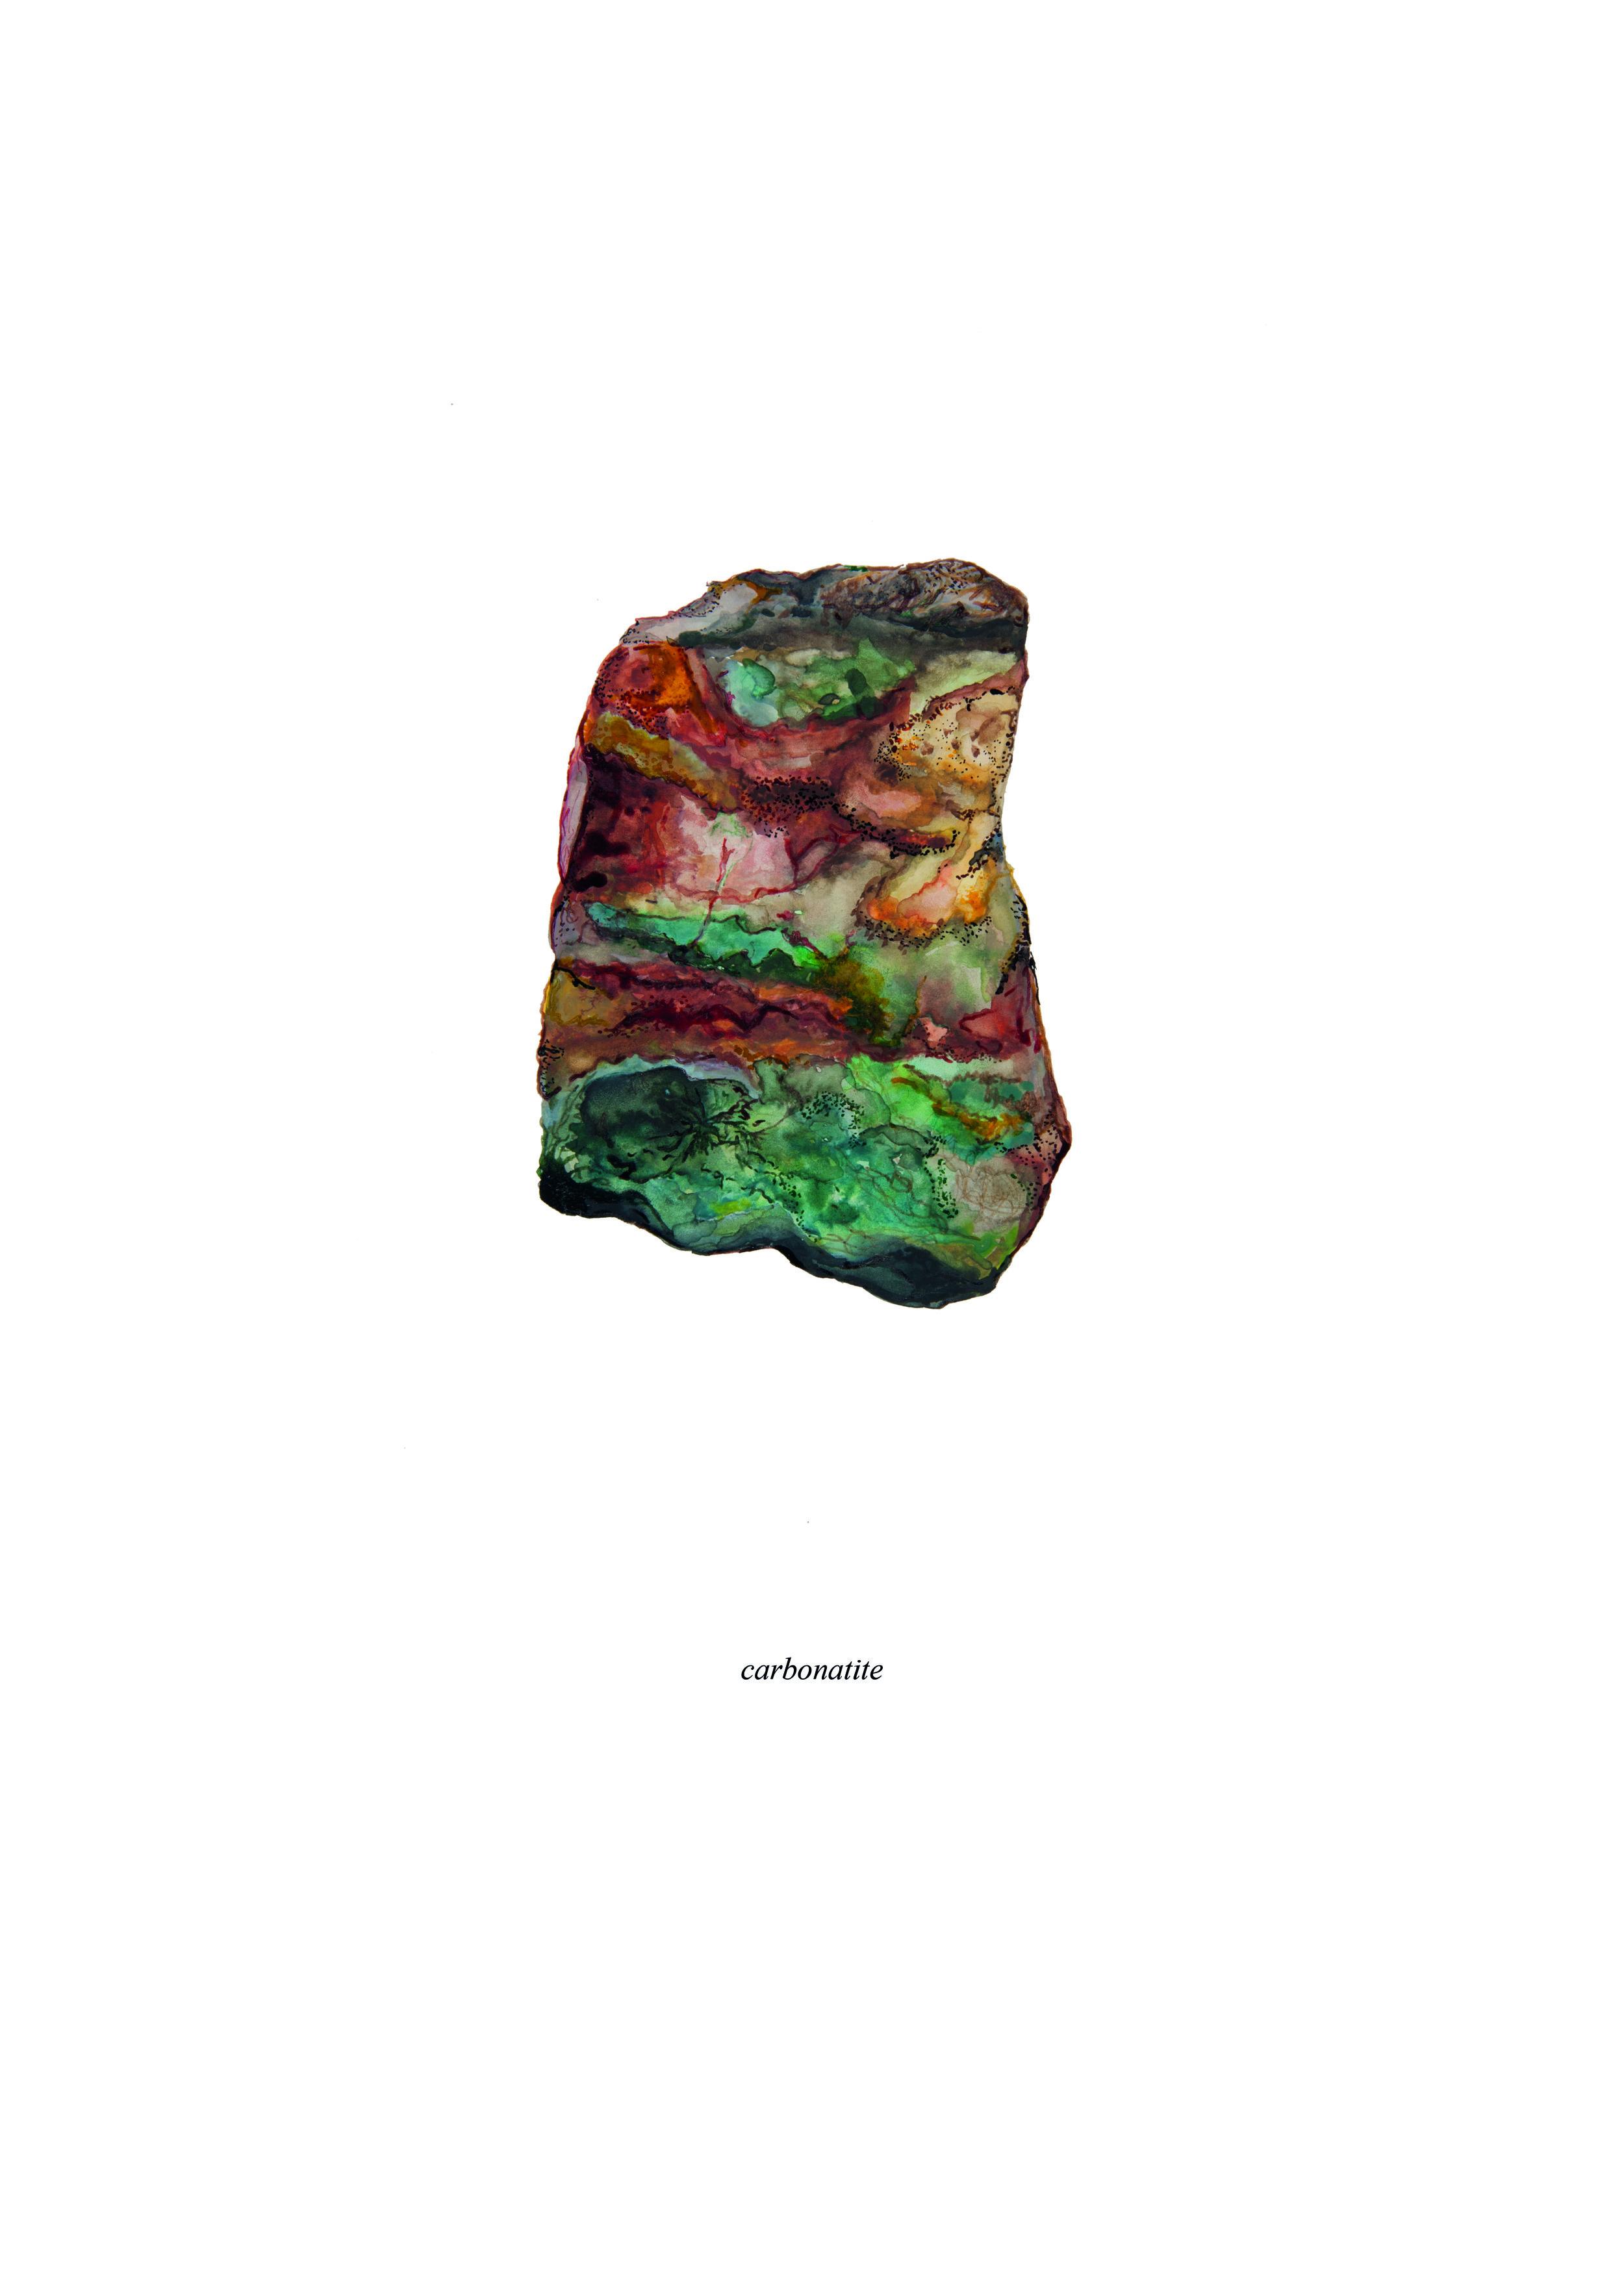 Carbonatite.jpg